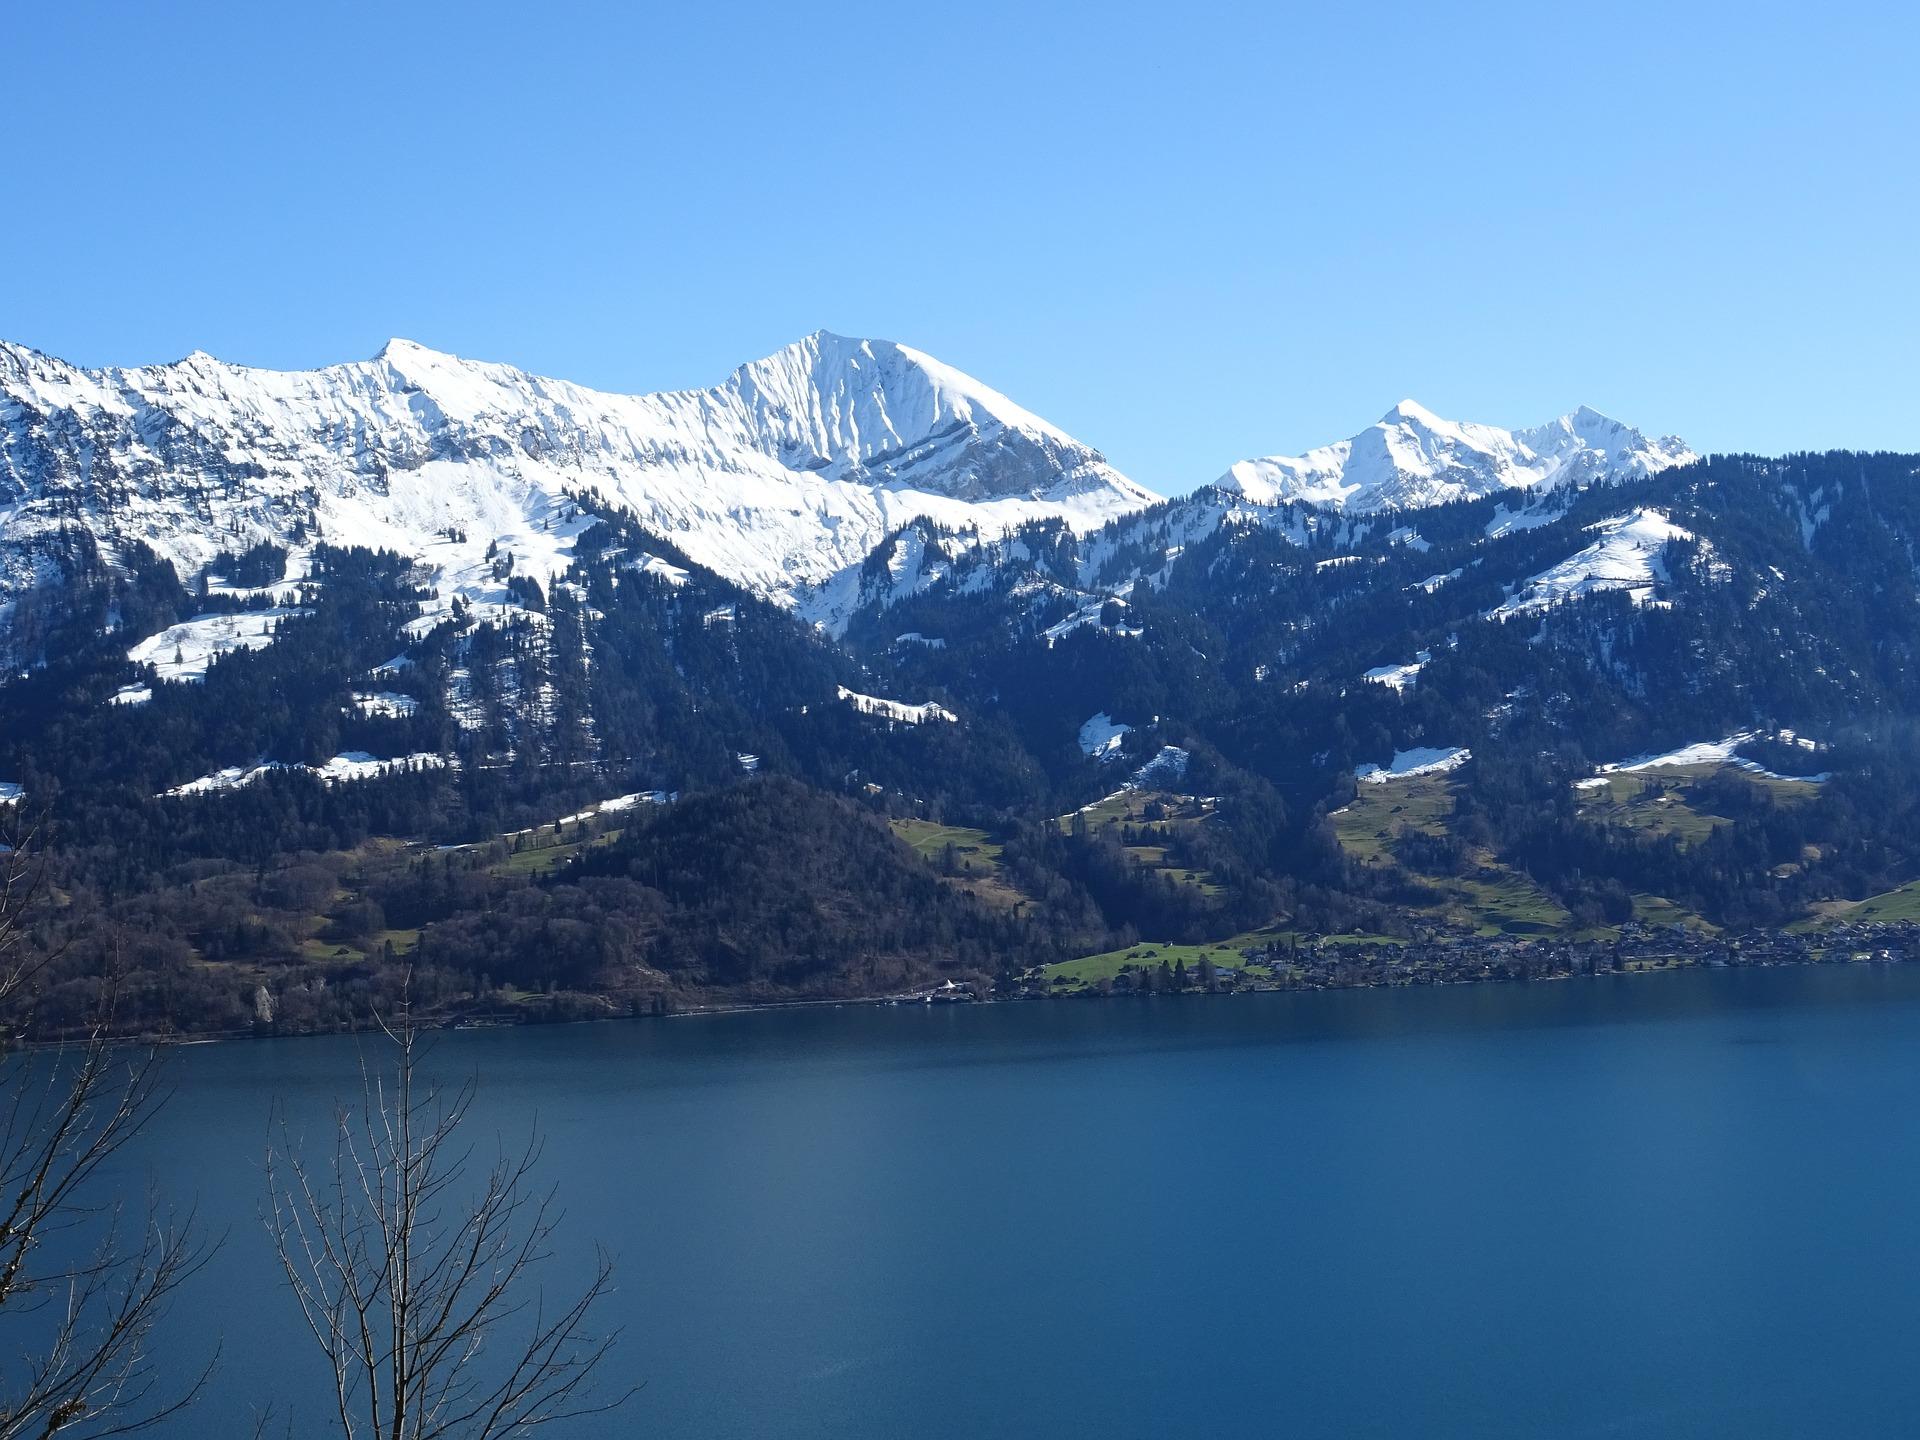 mountains-1637942_1920